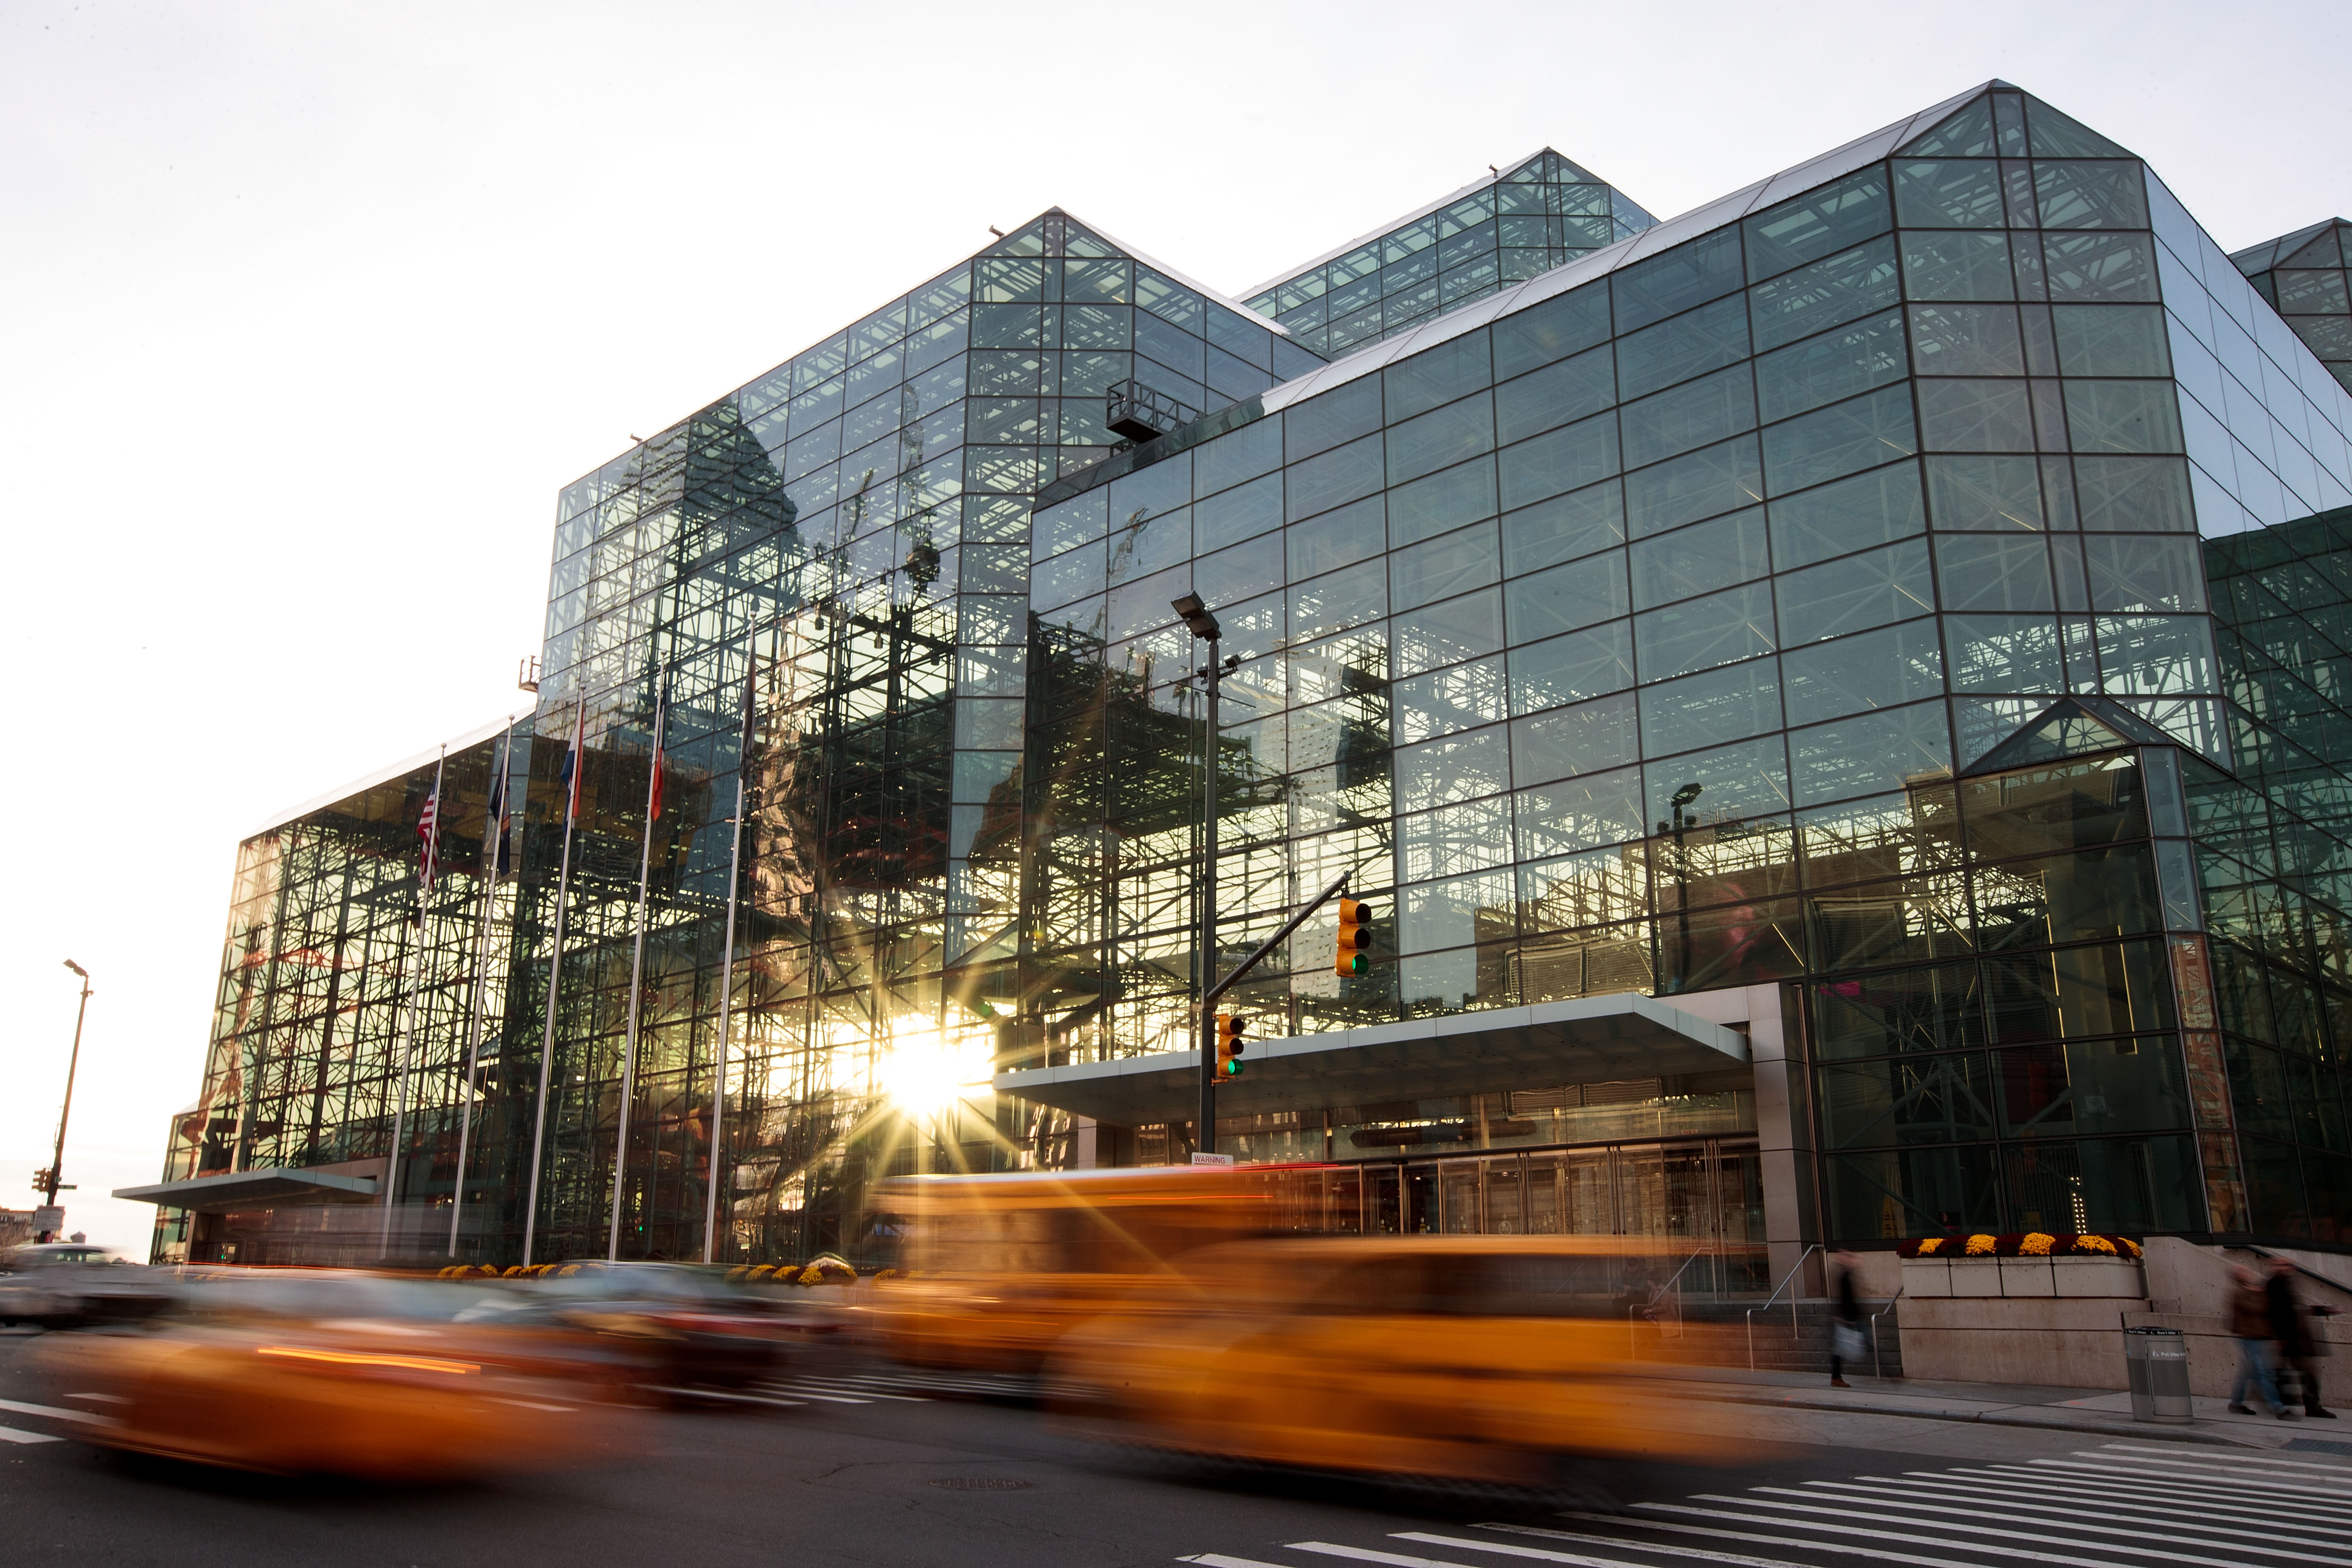 """مركز """"جاكوب كي جافيتس للمؤتمرات"""" حيث ستمكث فيه هيلاري كلينتون لمراقبة سير لانتخابات الرئاسية"""